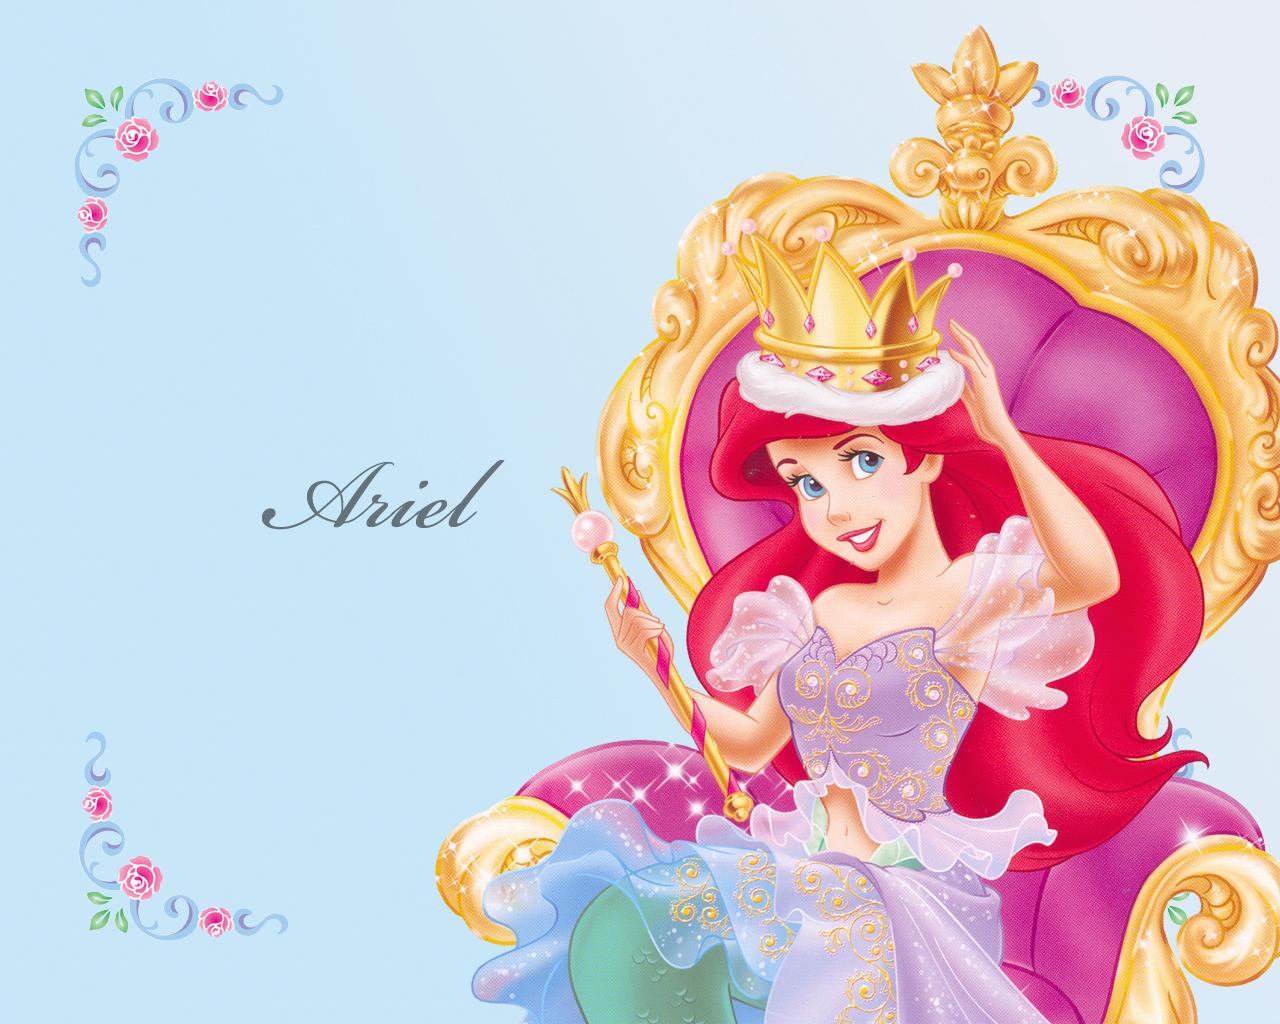 Disney Princess Wallpaper HD - WallpaperSafari